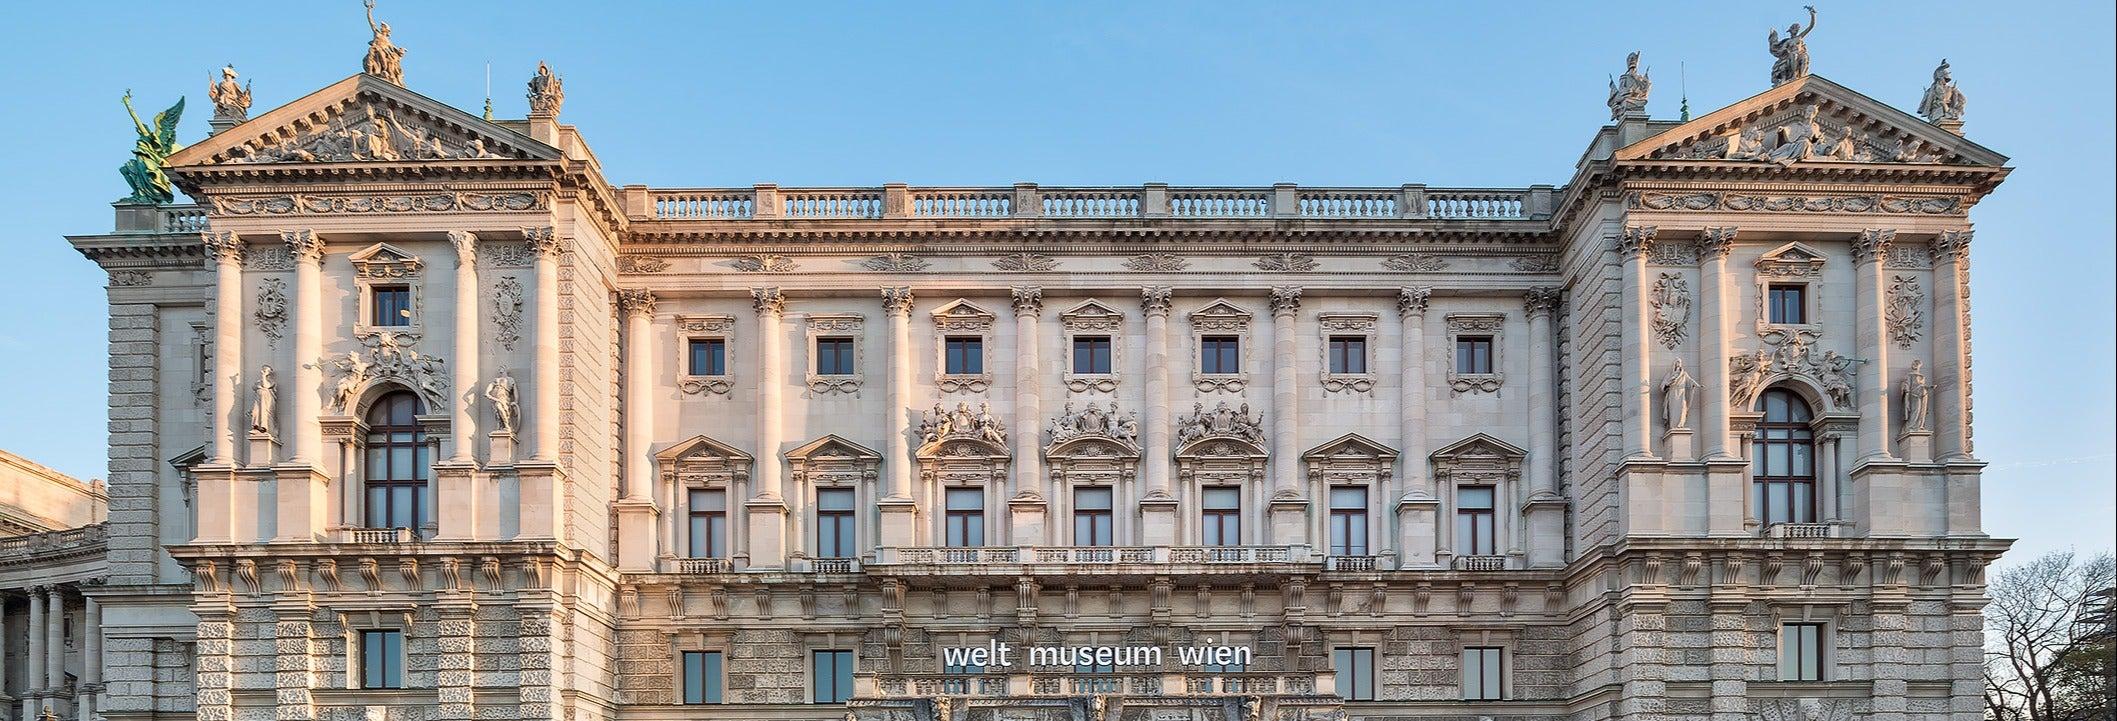 Entrada al Weltmuseum